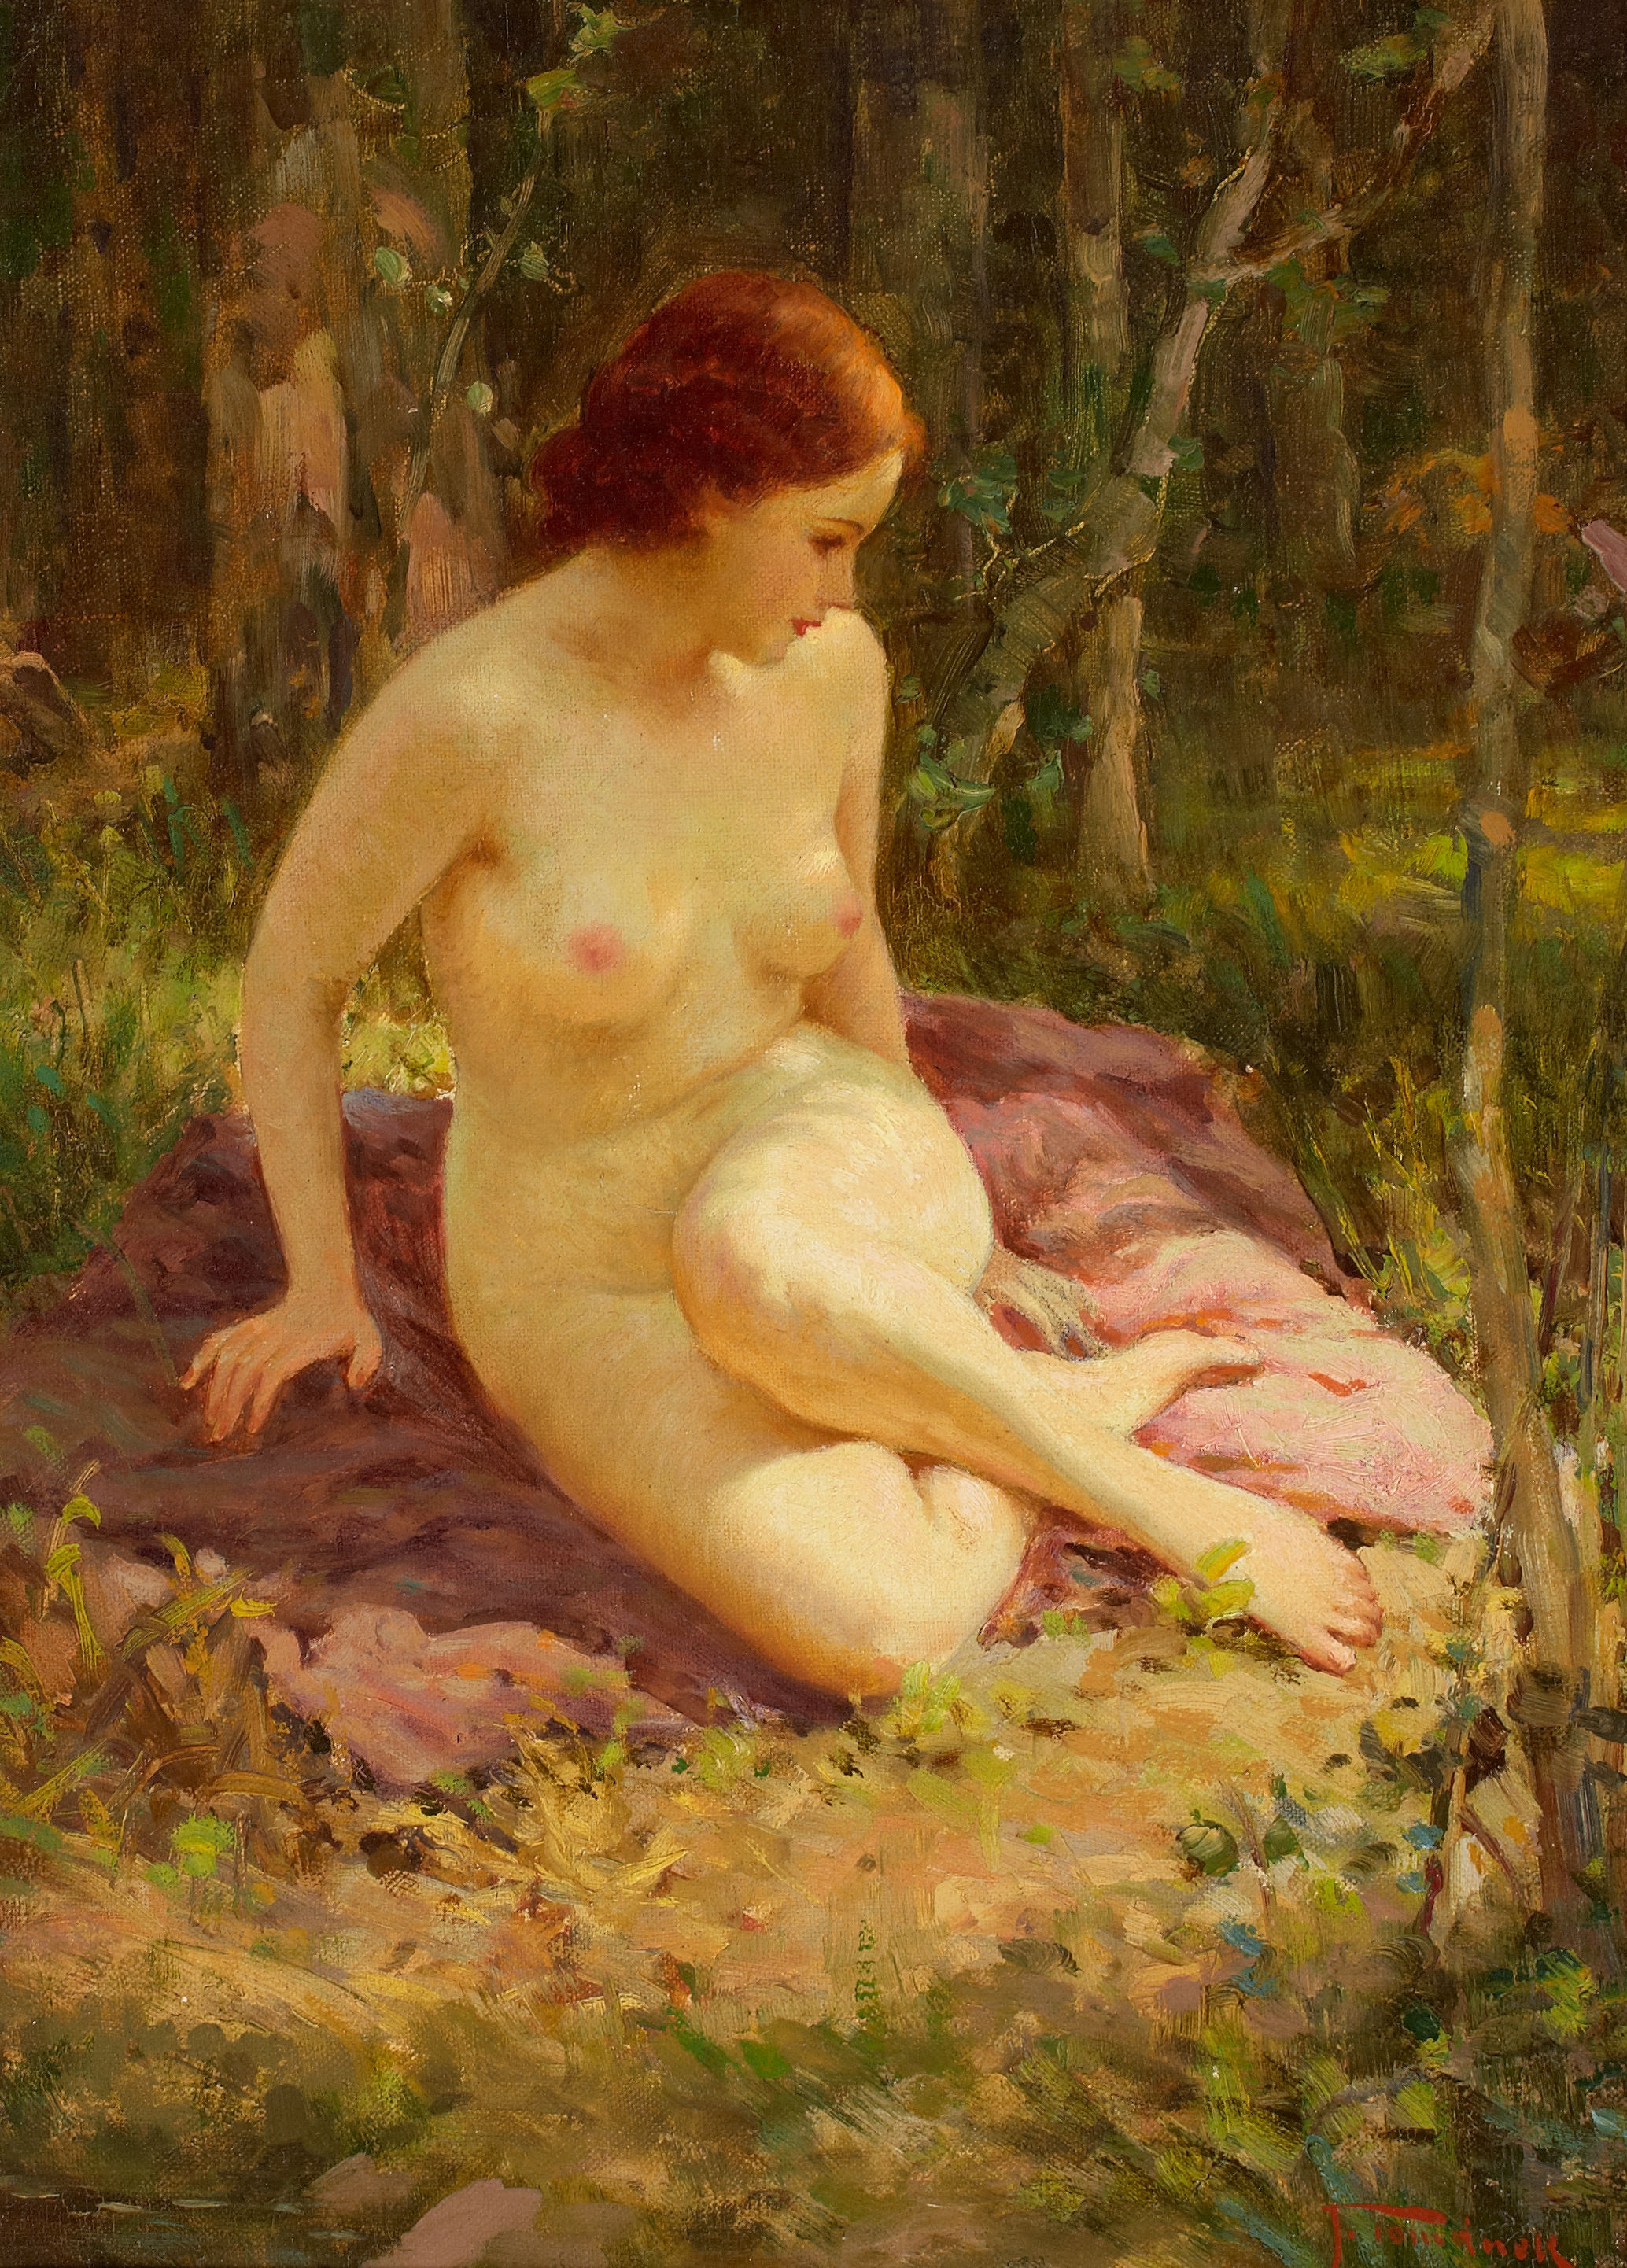 Художники рисуют голых бесплатно 21 фотография